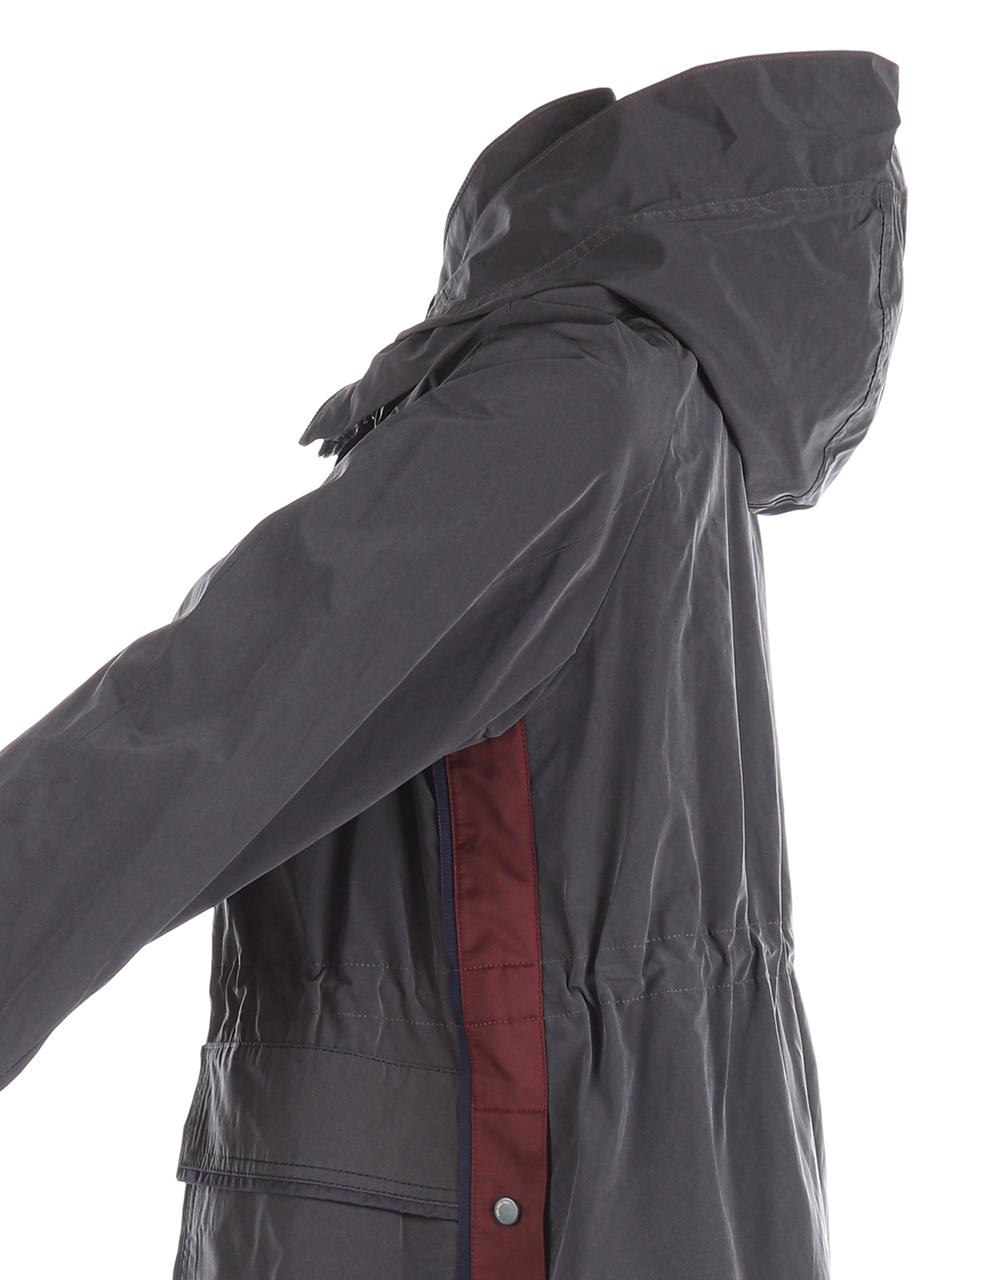 코트 상품상세 이미지-S2L31